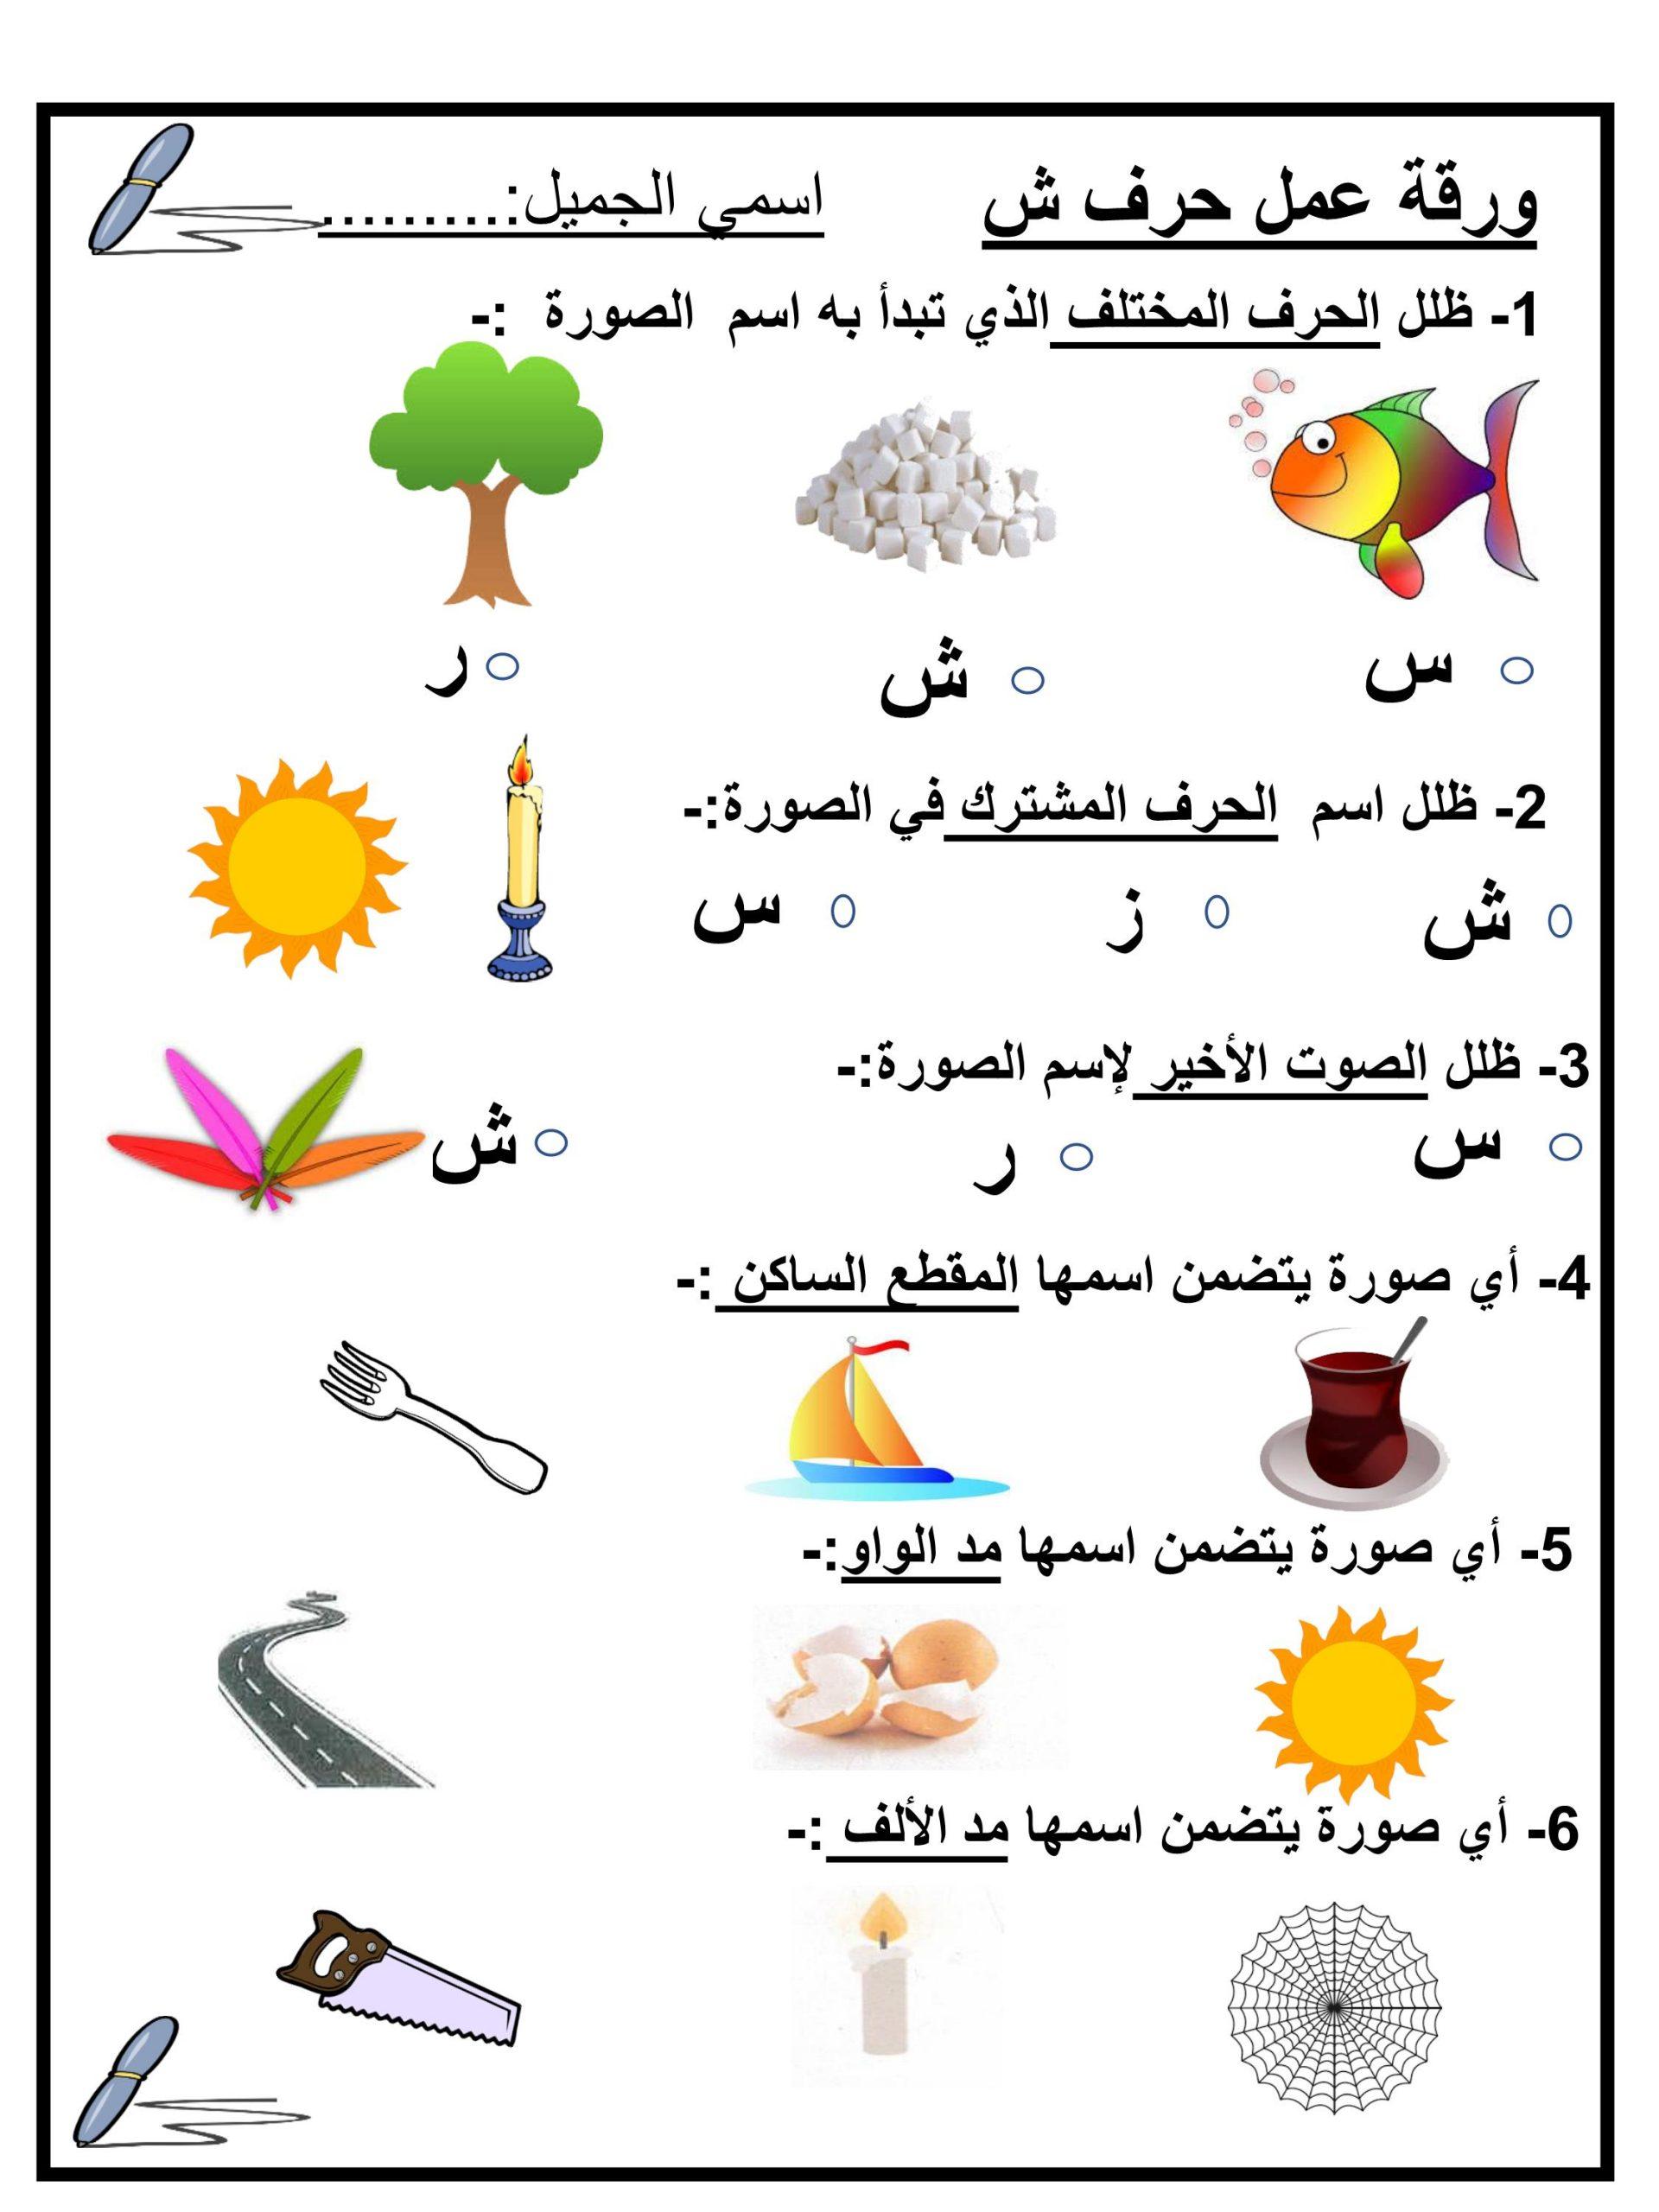 ورقة عمل متنوعة حرف الشين الصف الاول مادة اللغة العربية